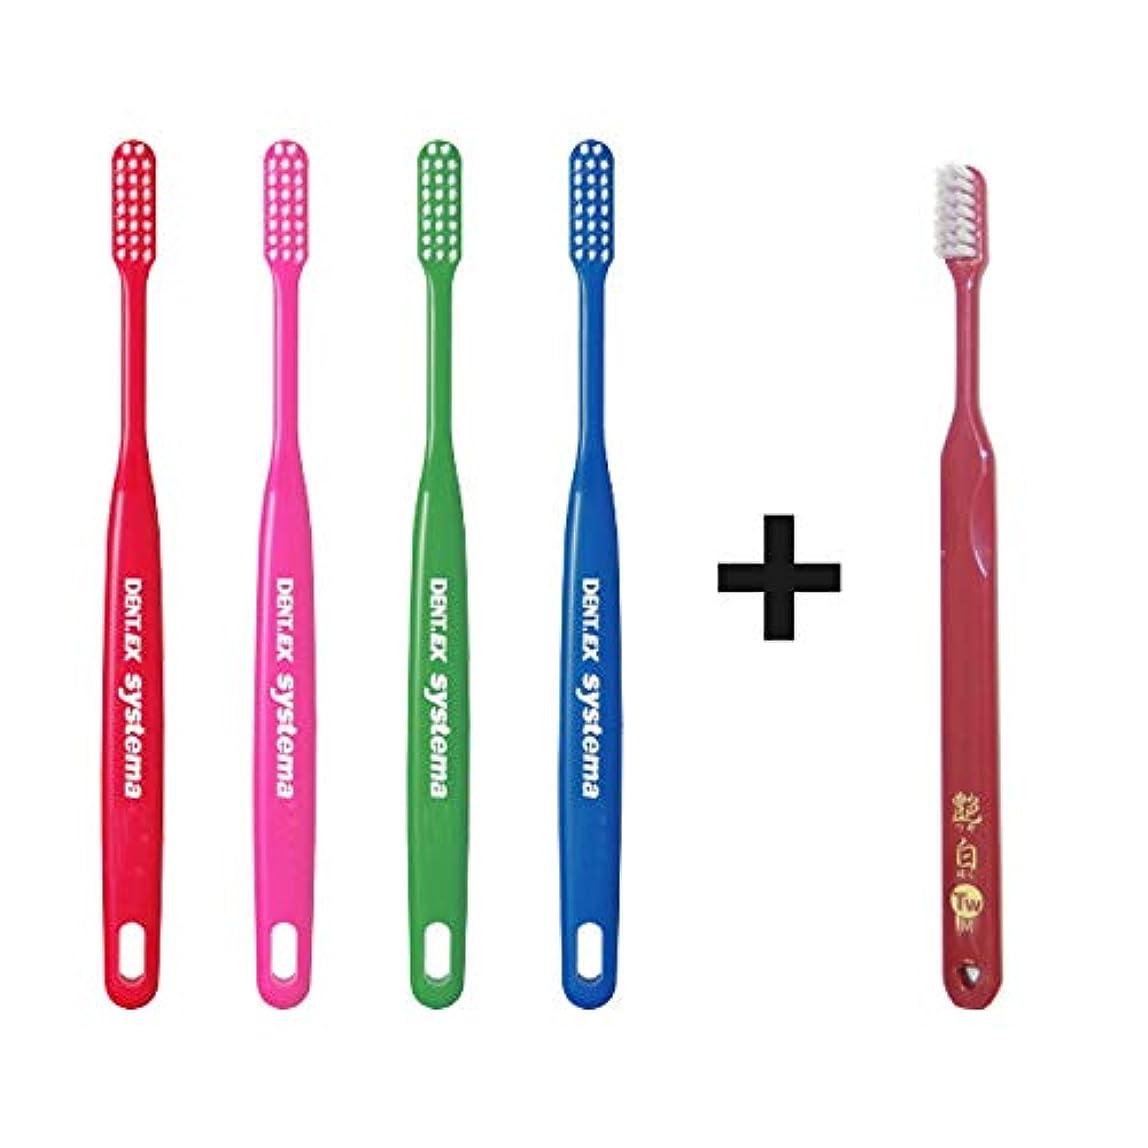 モーション第二にナースライオン DENT.EX システマ 歯ブラシ 42H × 10本 +「艶白(つやはく)」歯ブラシ ツイン(M) × 1本 (日本製) 歯周病予防